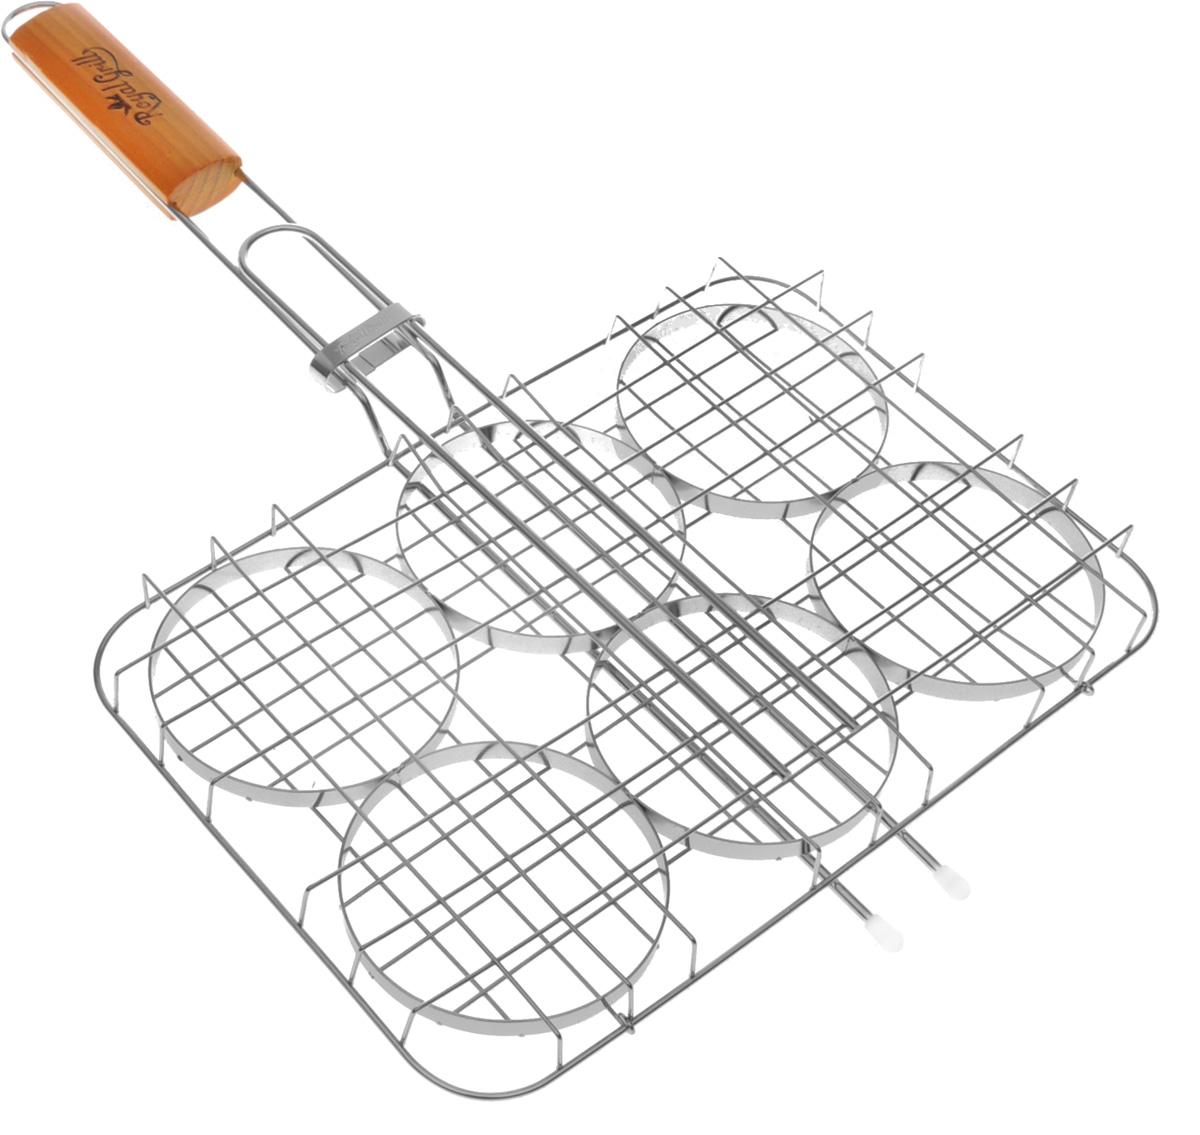 """Решетка-гриль для приготовления бургеров на углях  """"RoyalGrill"""" изготовлена из высококачественной пищевой стали,  а рукоятка выполнена из дерева. Изделие имеет 6 секций для  приготовления бургеров. Верхняя створка надежно  фиксируется с помощью кольца на ручке. Надежная  конструкция удобна в использовании.  Диаметр секции: 10 см.    Размер решетки: 32 х 22 х 3,5 см.  Длина (с ручкой): 53 см."""